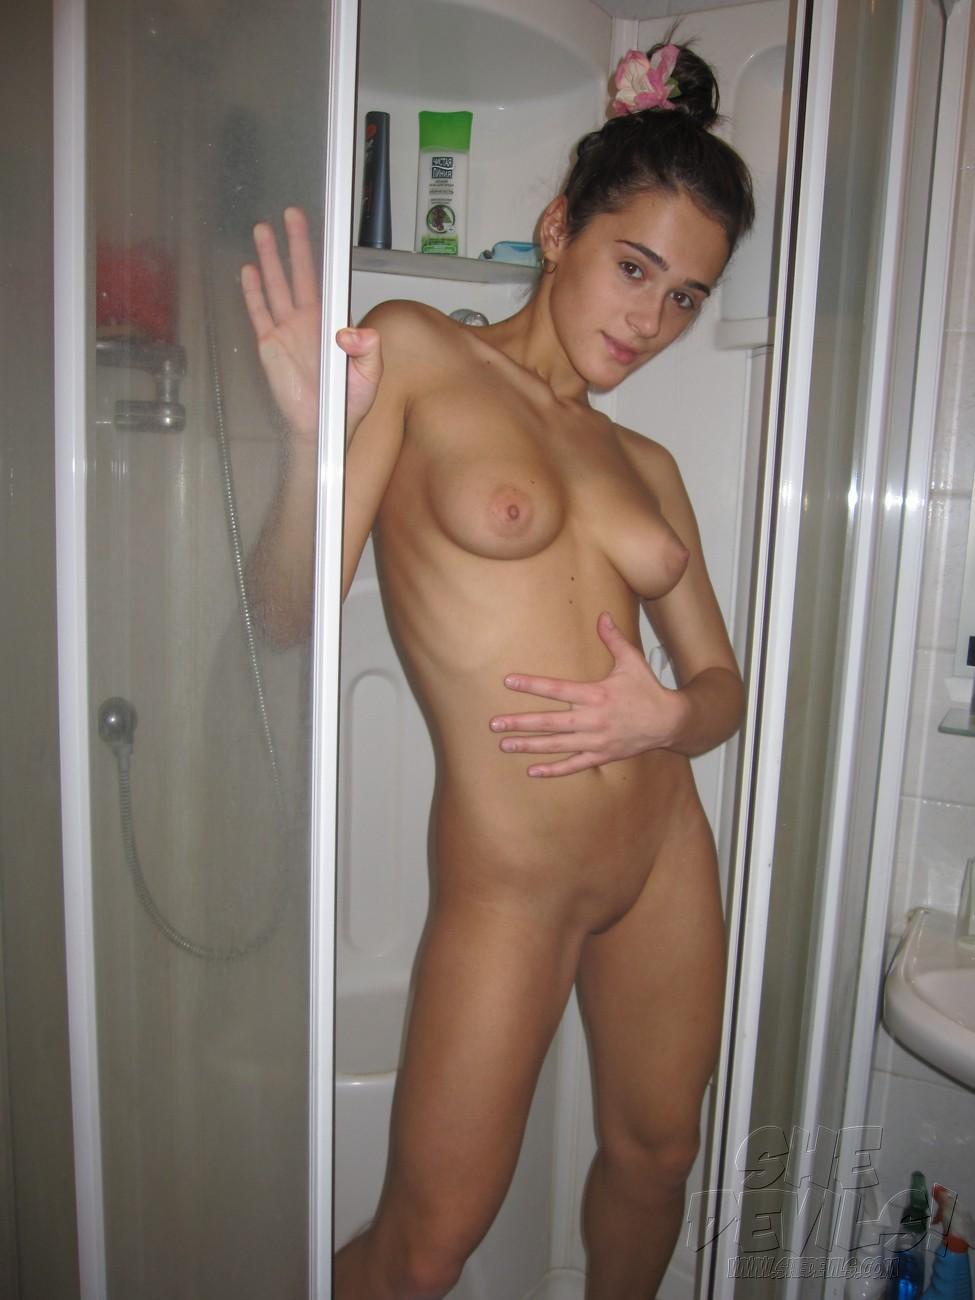 selfshotgirlfriends puffy nipple gf amateur shower puffy nipple gf amateur shower 4 JPG